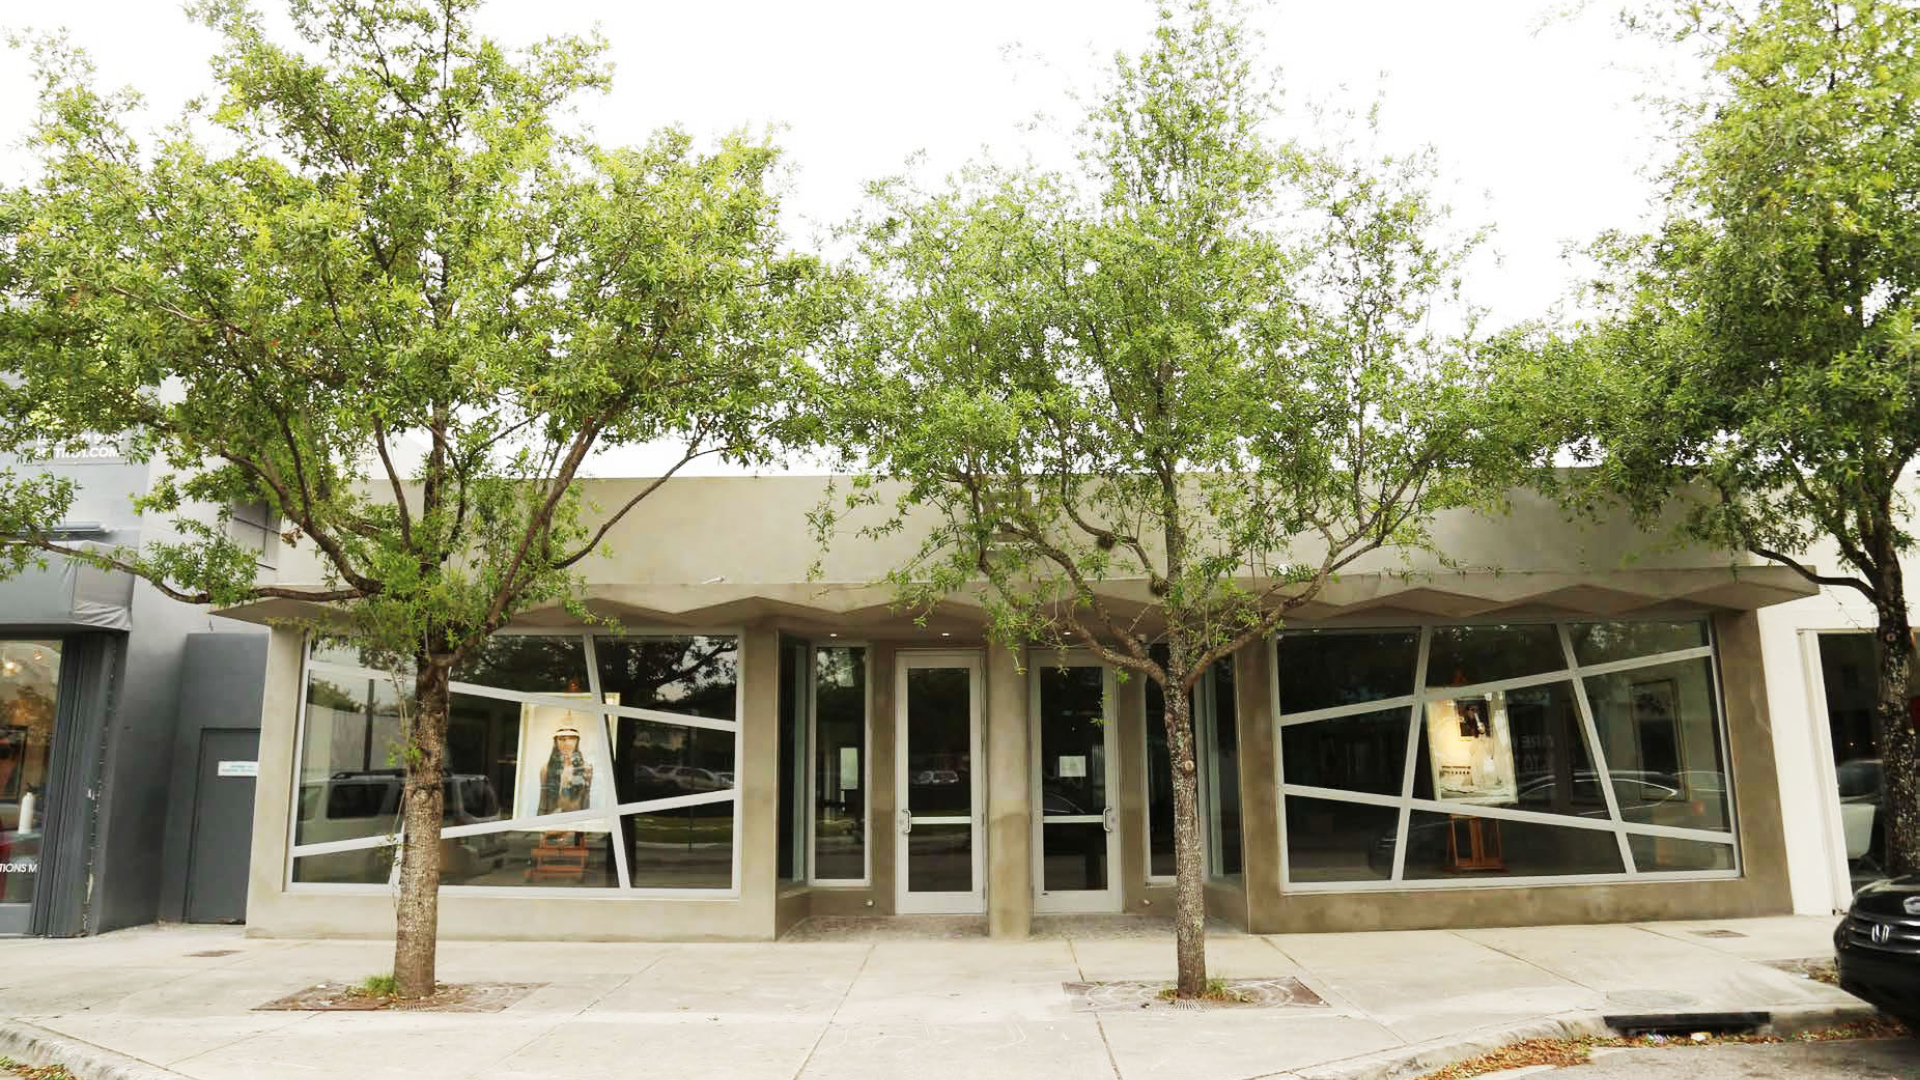 70-74 NE 40th St - Design District